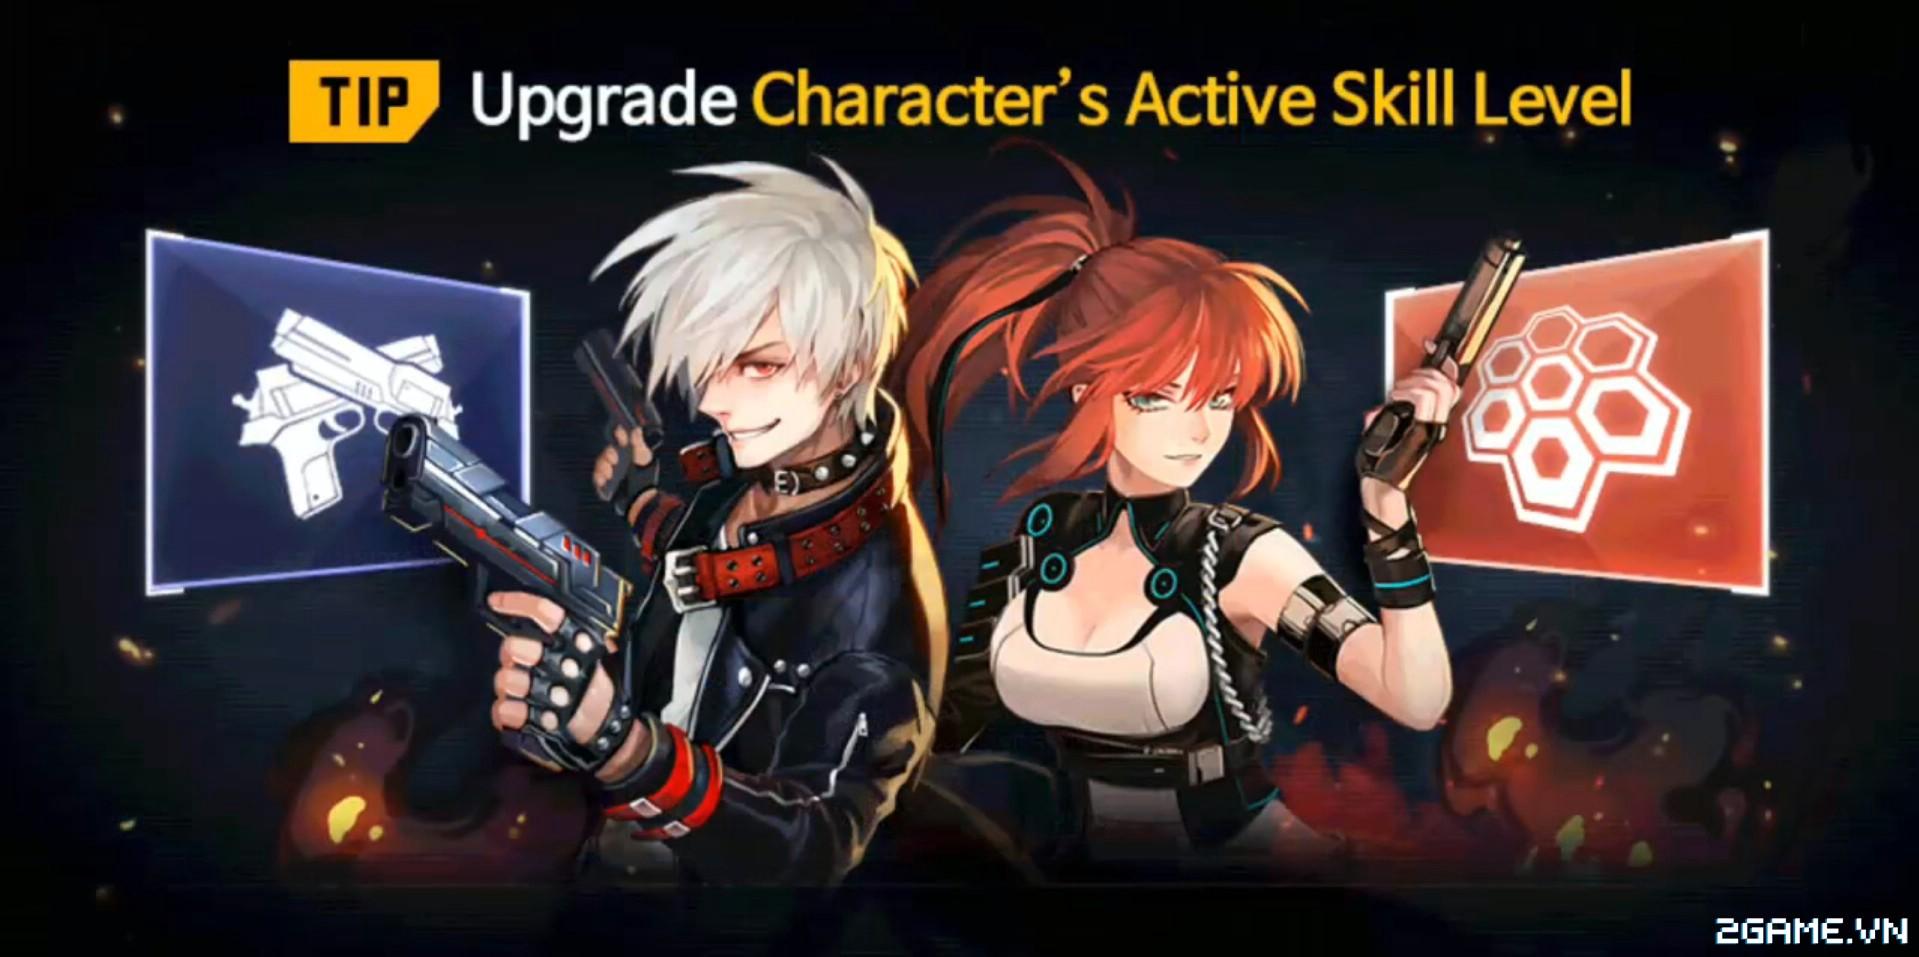 Wanted Killer: Game mobile bắn súng phong cách game thùng đầy chất chơi 4